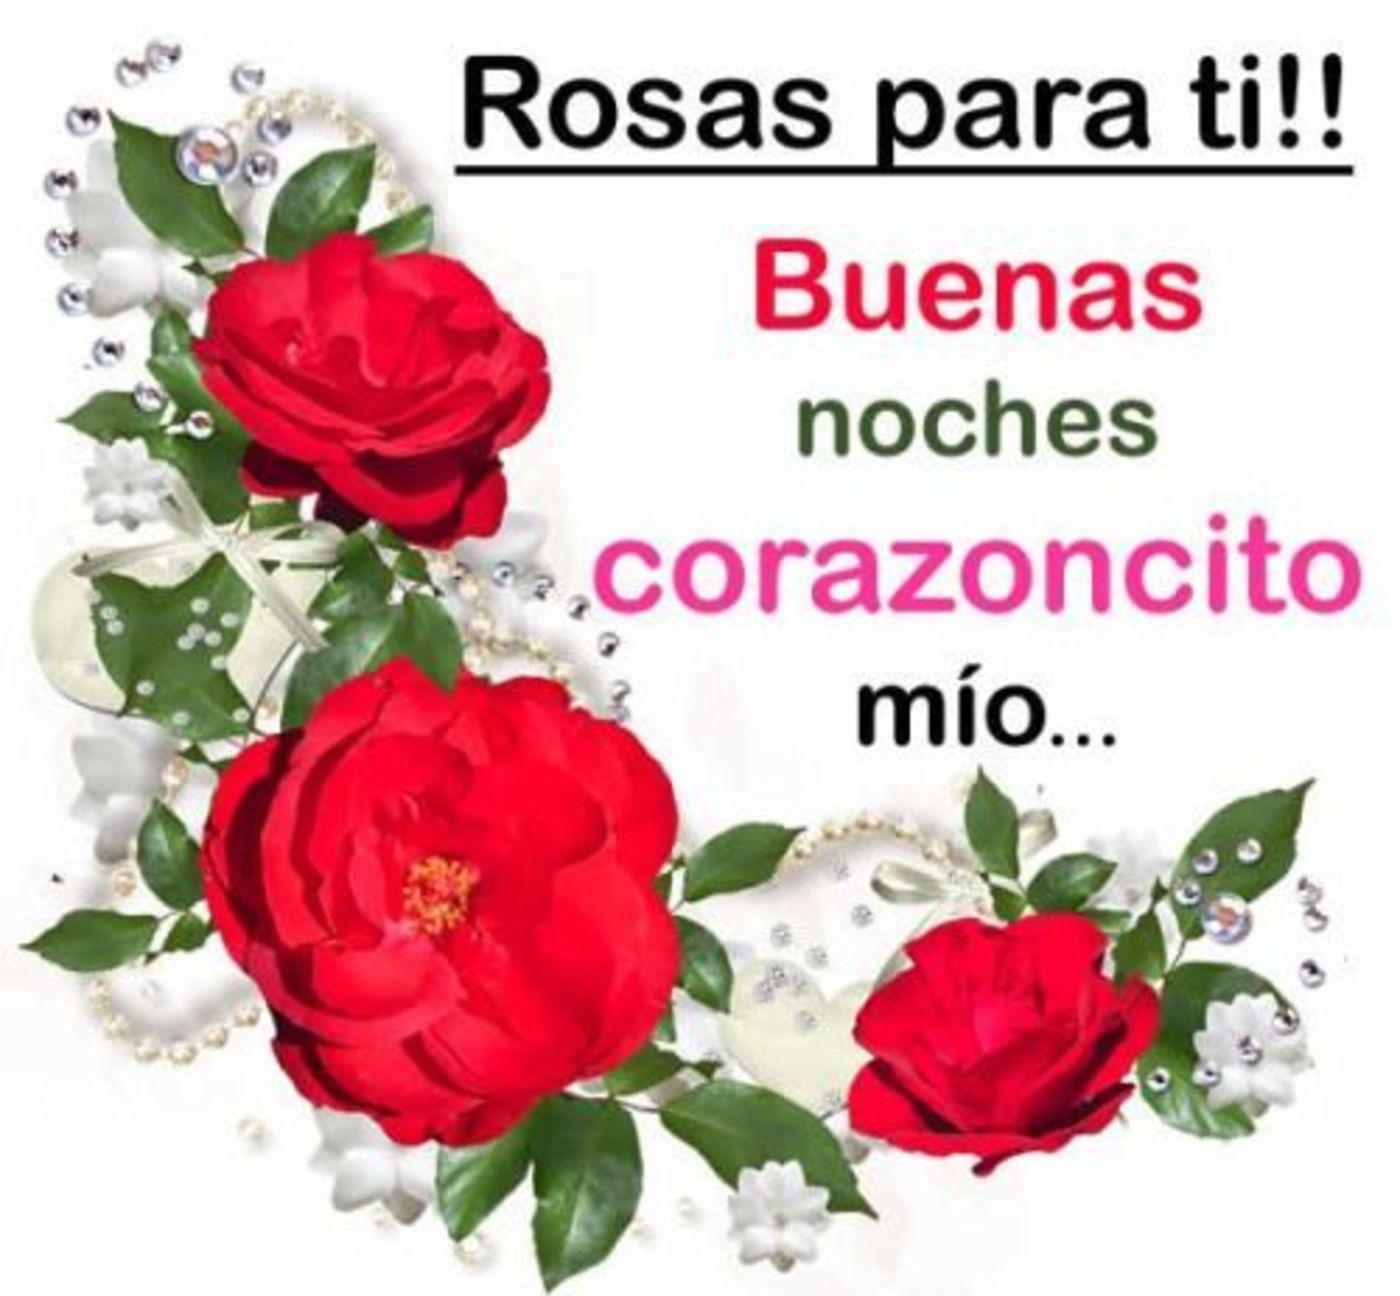 Rosas para ti!! Buenas noches corazoncito mío